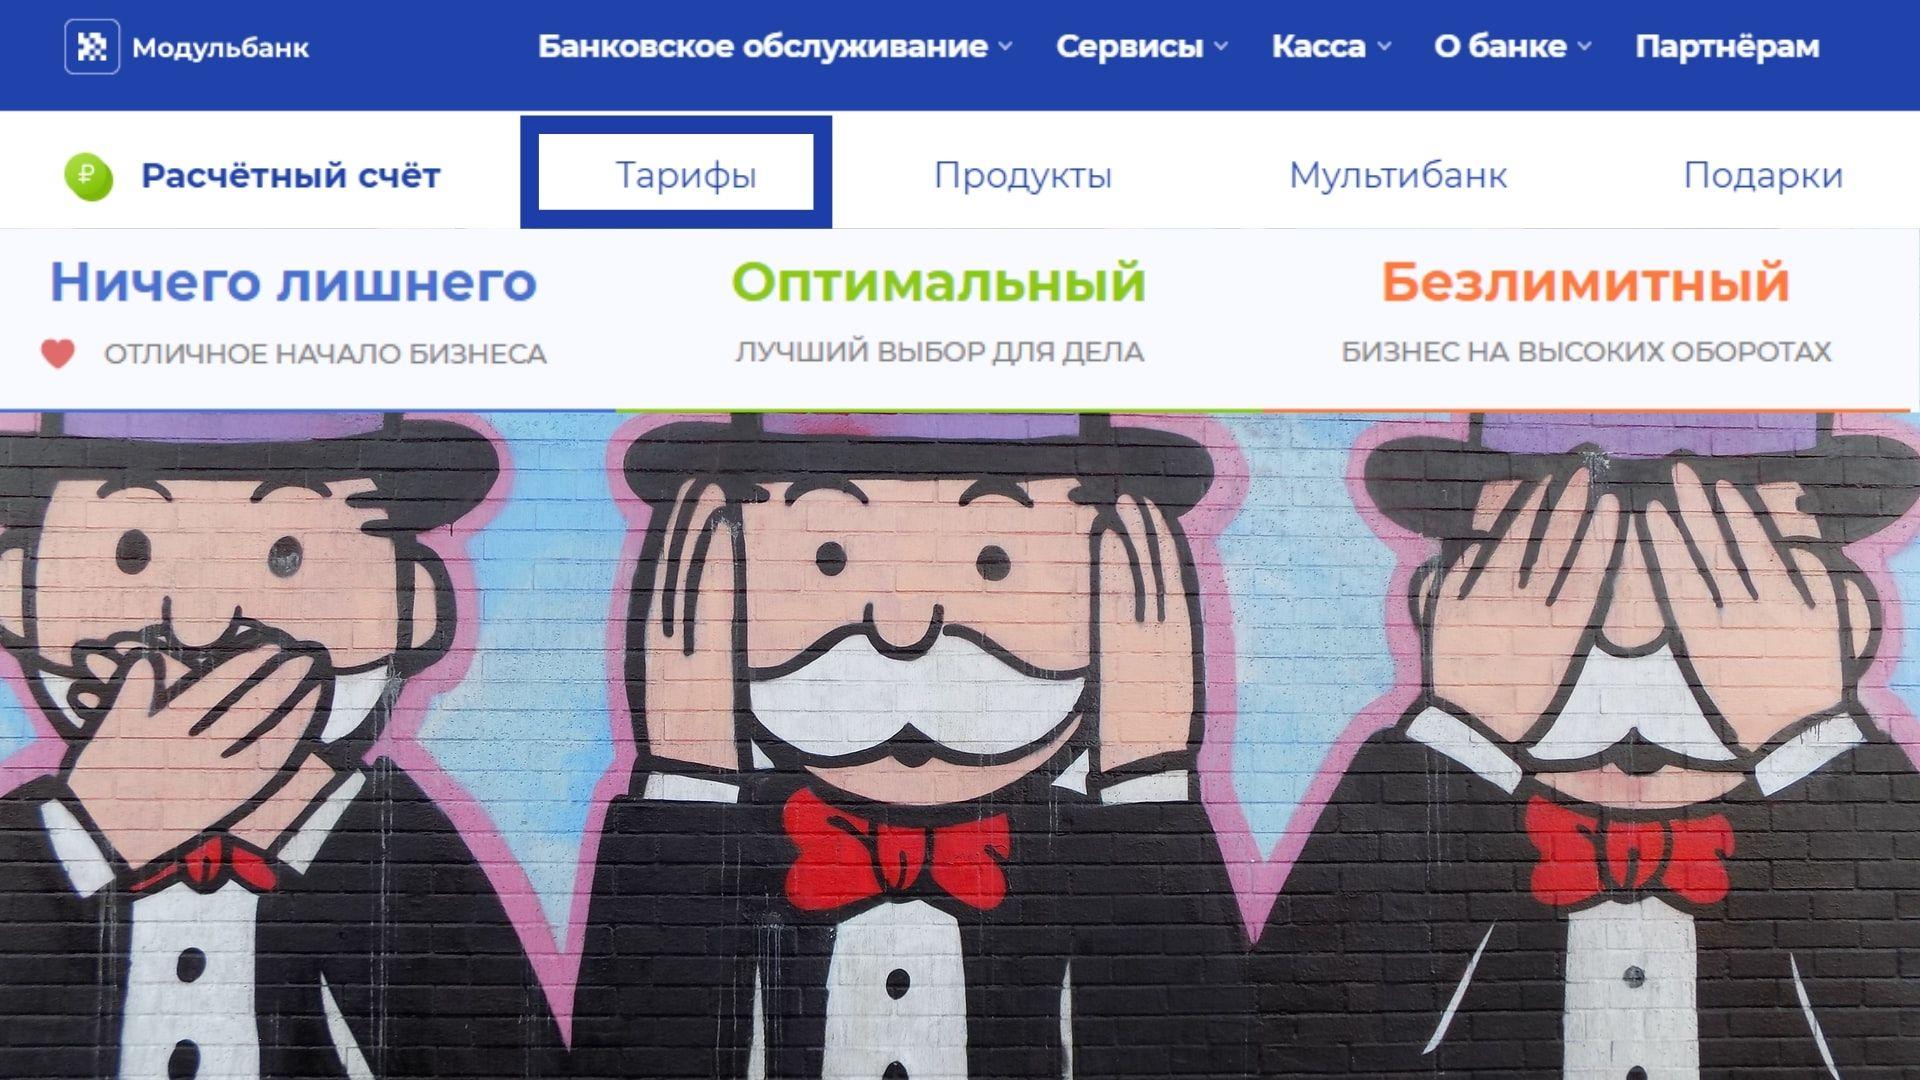 Тарифы РКО в Модуль Банке для Предпринимателей (ИП) и Юридических лиц (ООО)